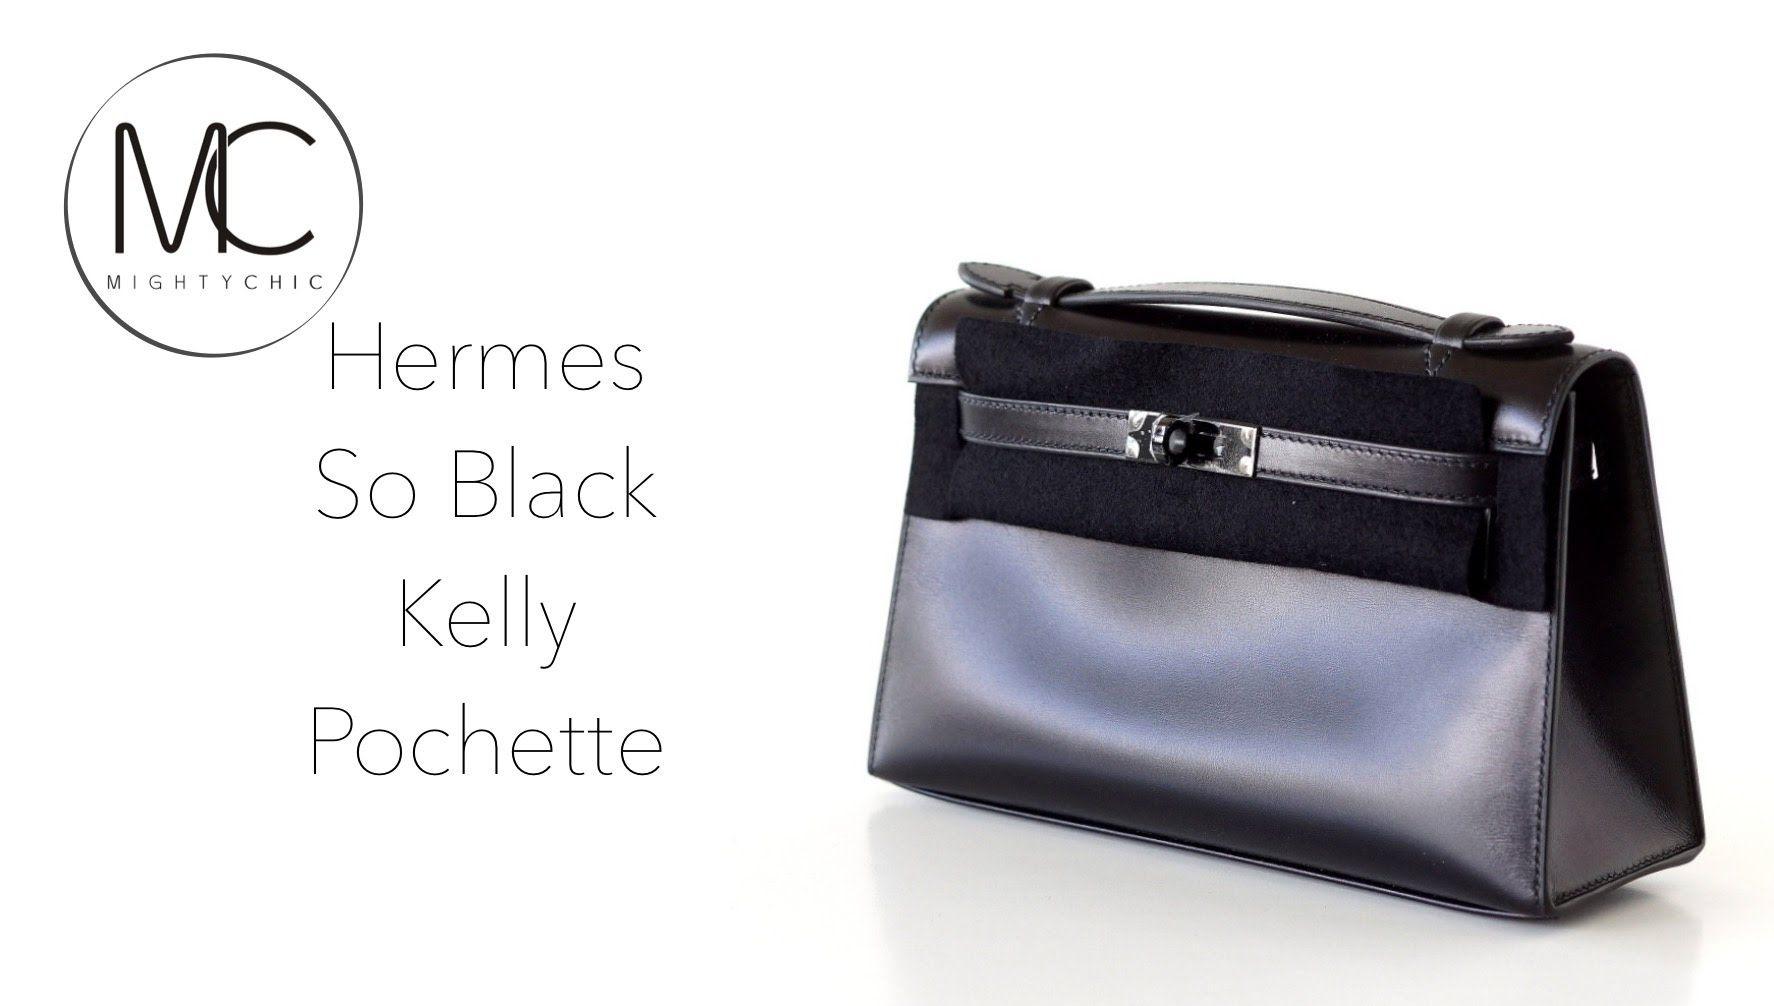 fb0a61517c69 Hermes SO BLACK KELLY Pochette • mightychic.com •